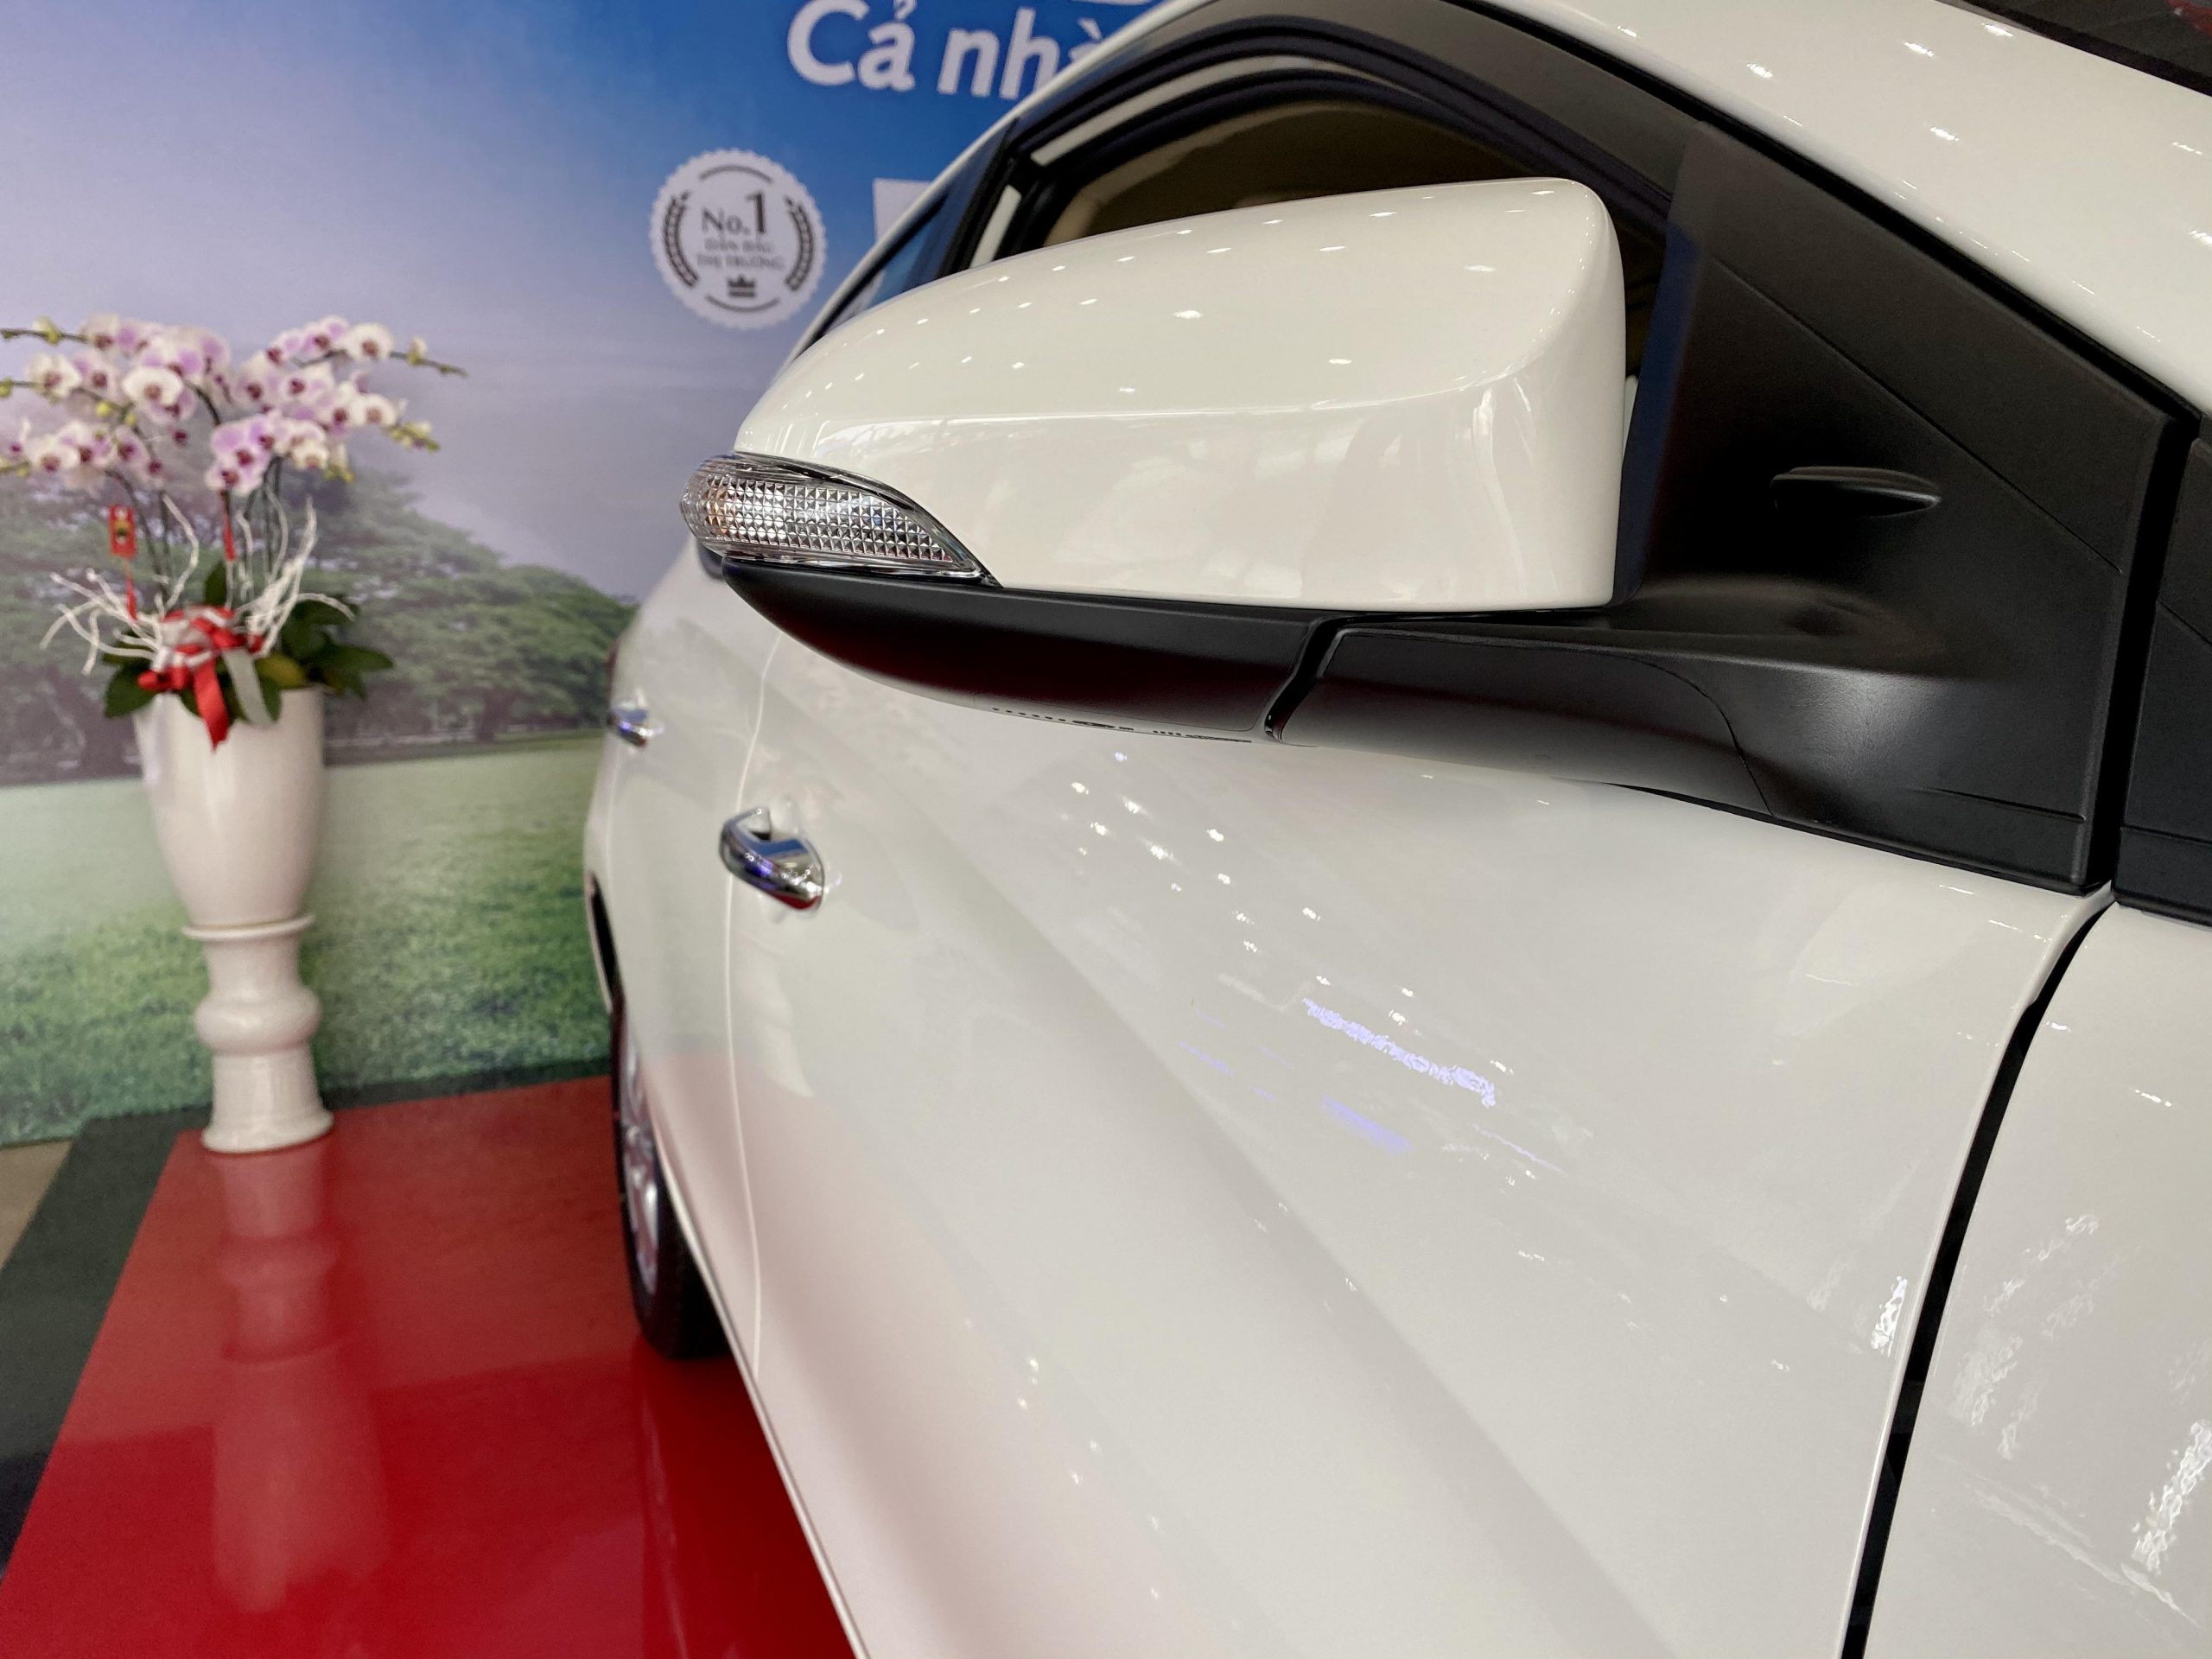 Vios 2020 G 17 scaled - Toyota Vios 2020: giá bán và khuyến mãi cập nhật mỗi 2 phút